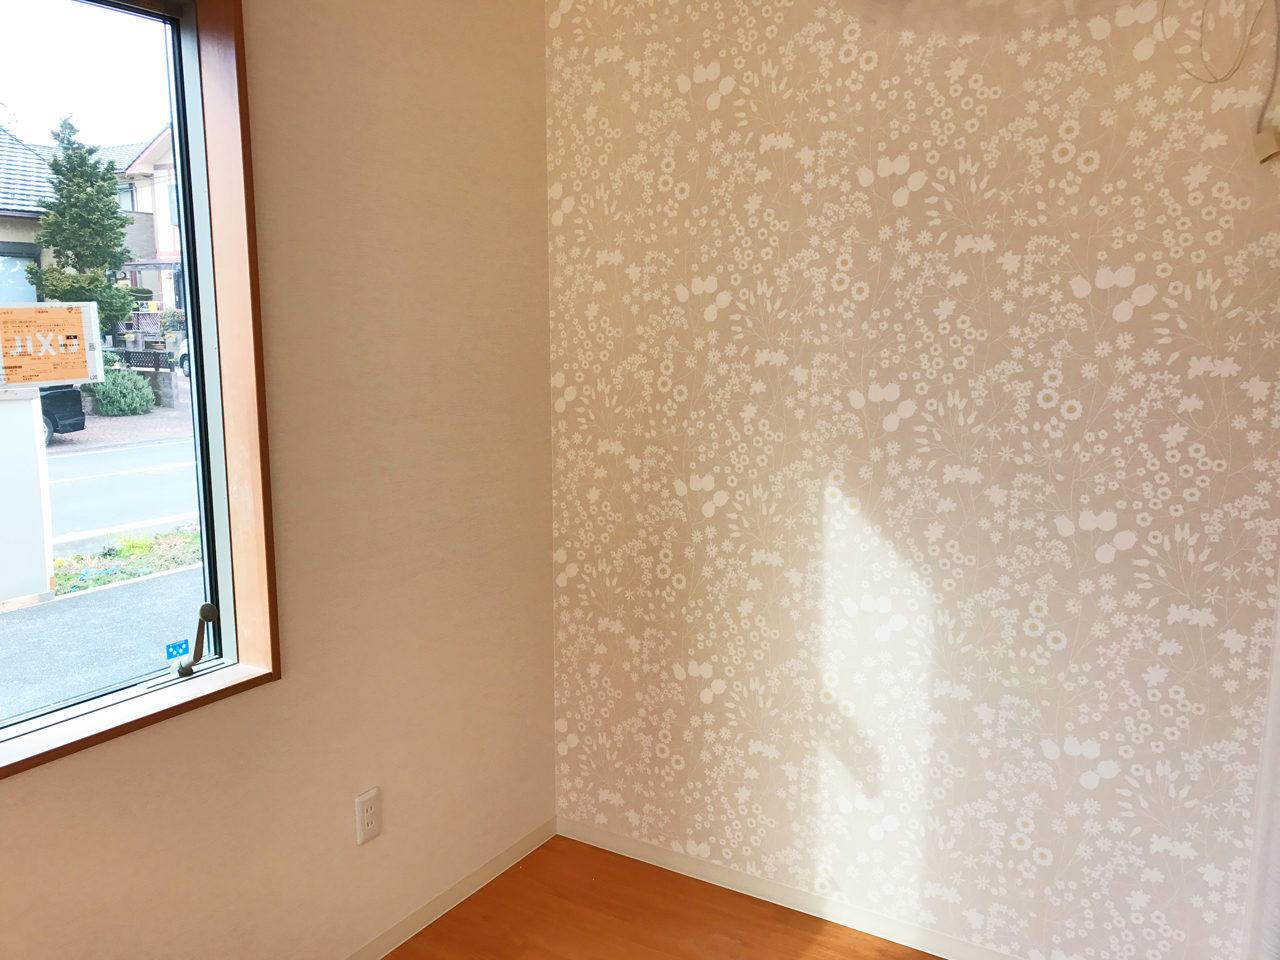 レディース治療院(はり・あん・マッサージ)付き二世帯住宅の明るくかわいい待合室